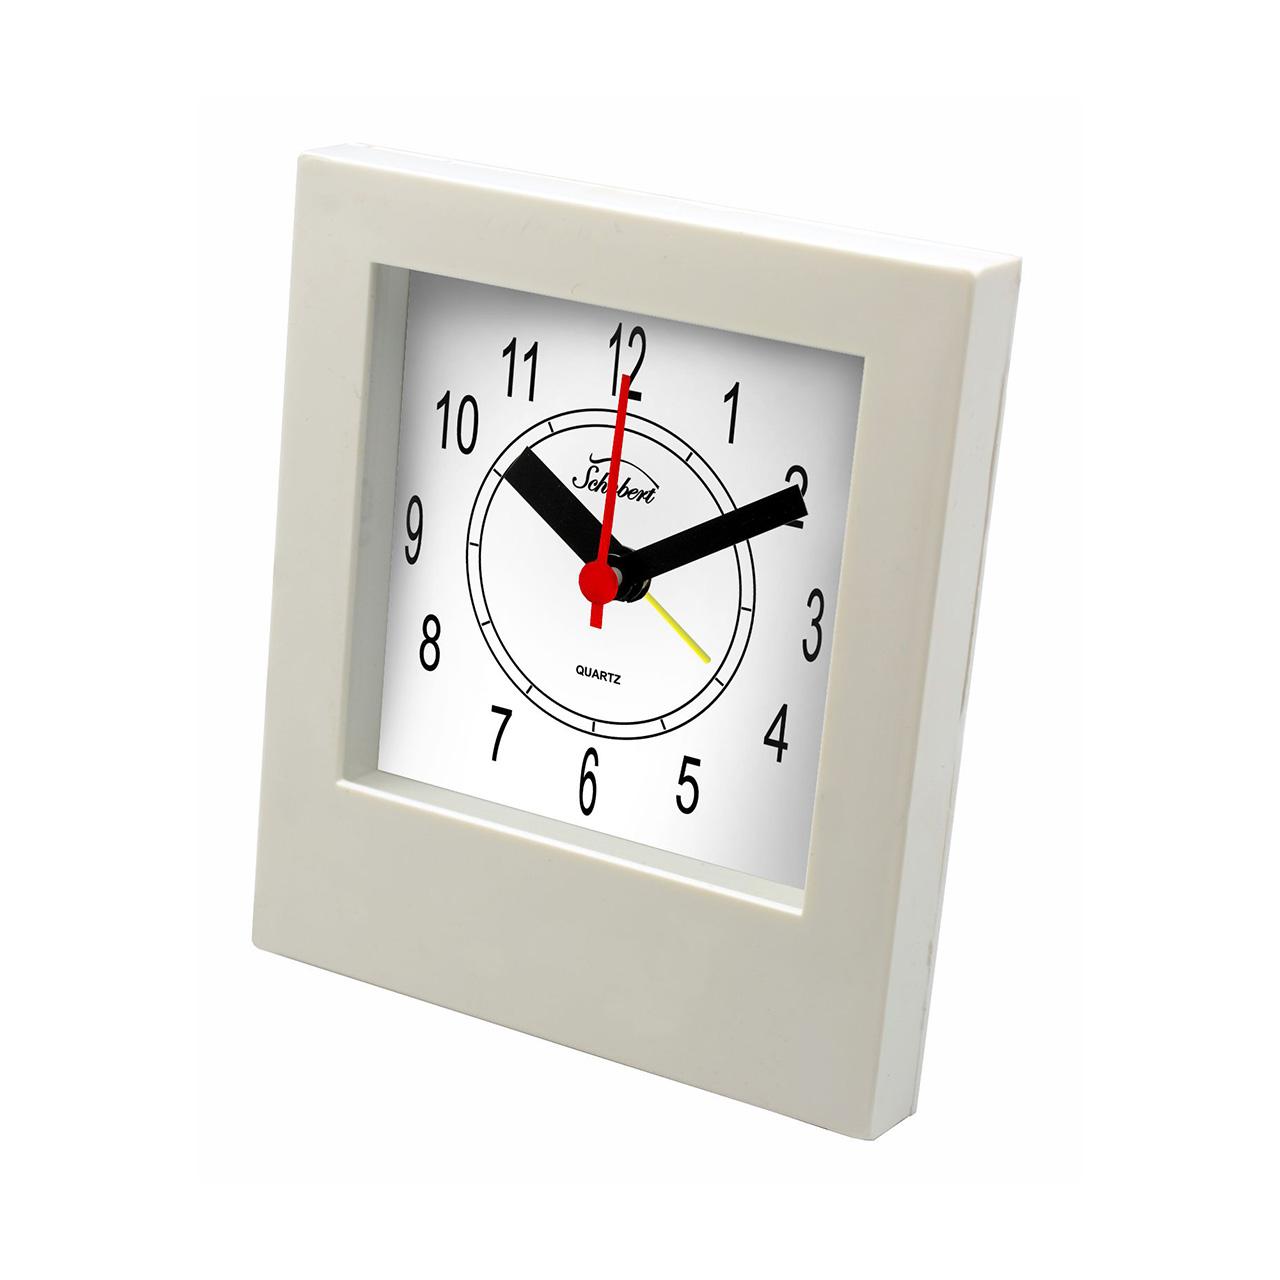 خرید ساعت رومیزی شوبرت مدل 5551